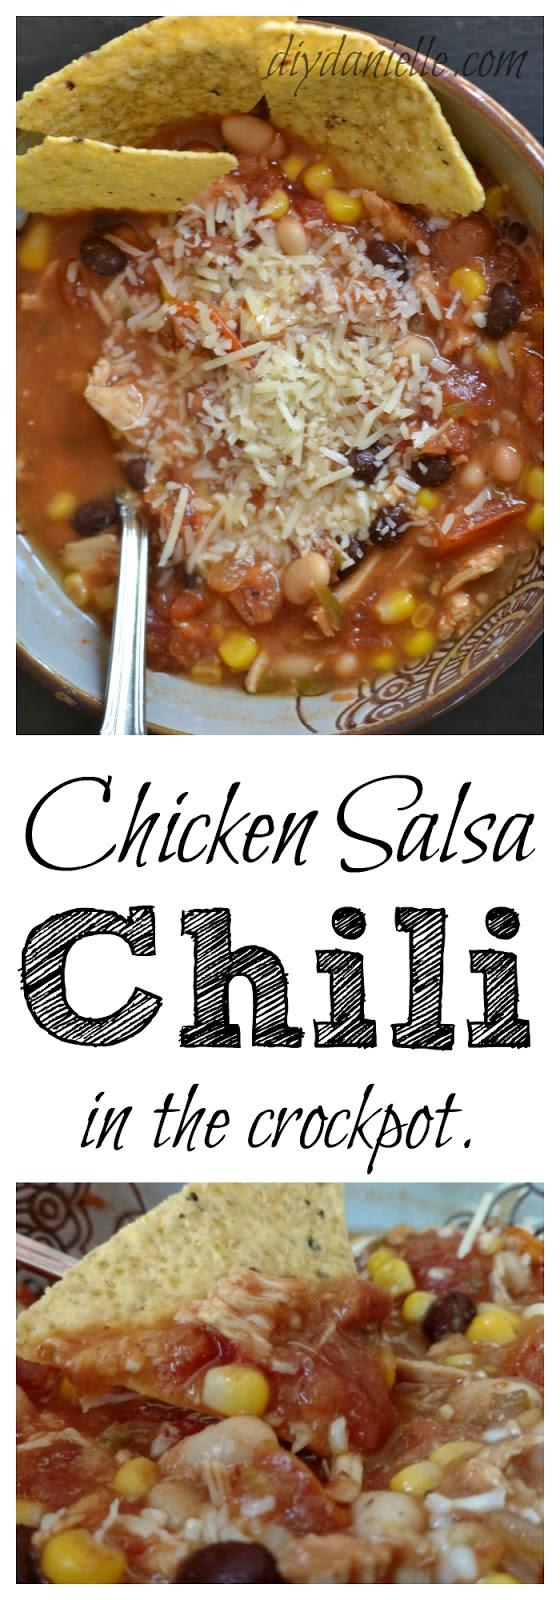 Recipe for Chicken Salsa Chili